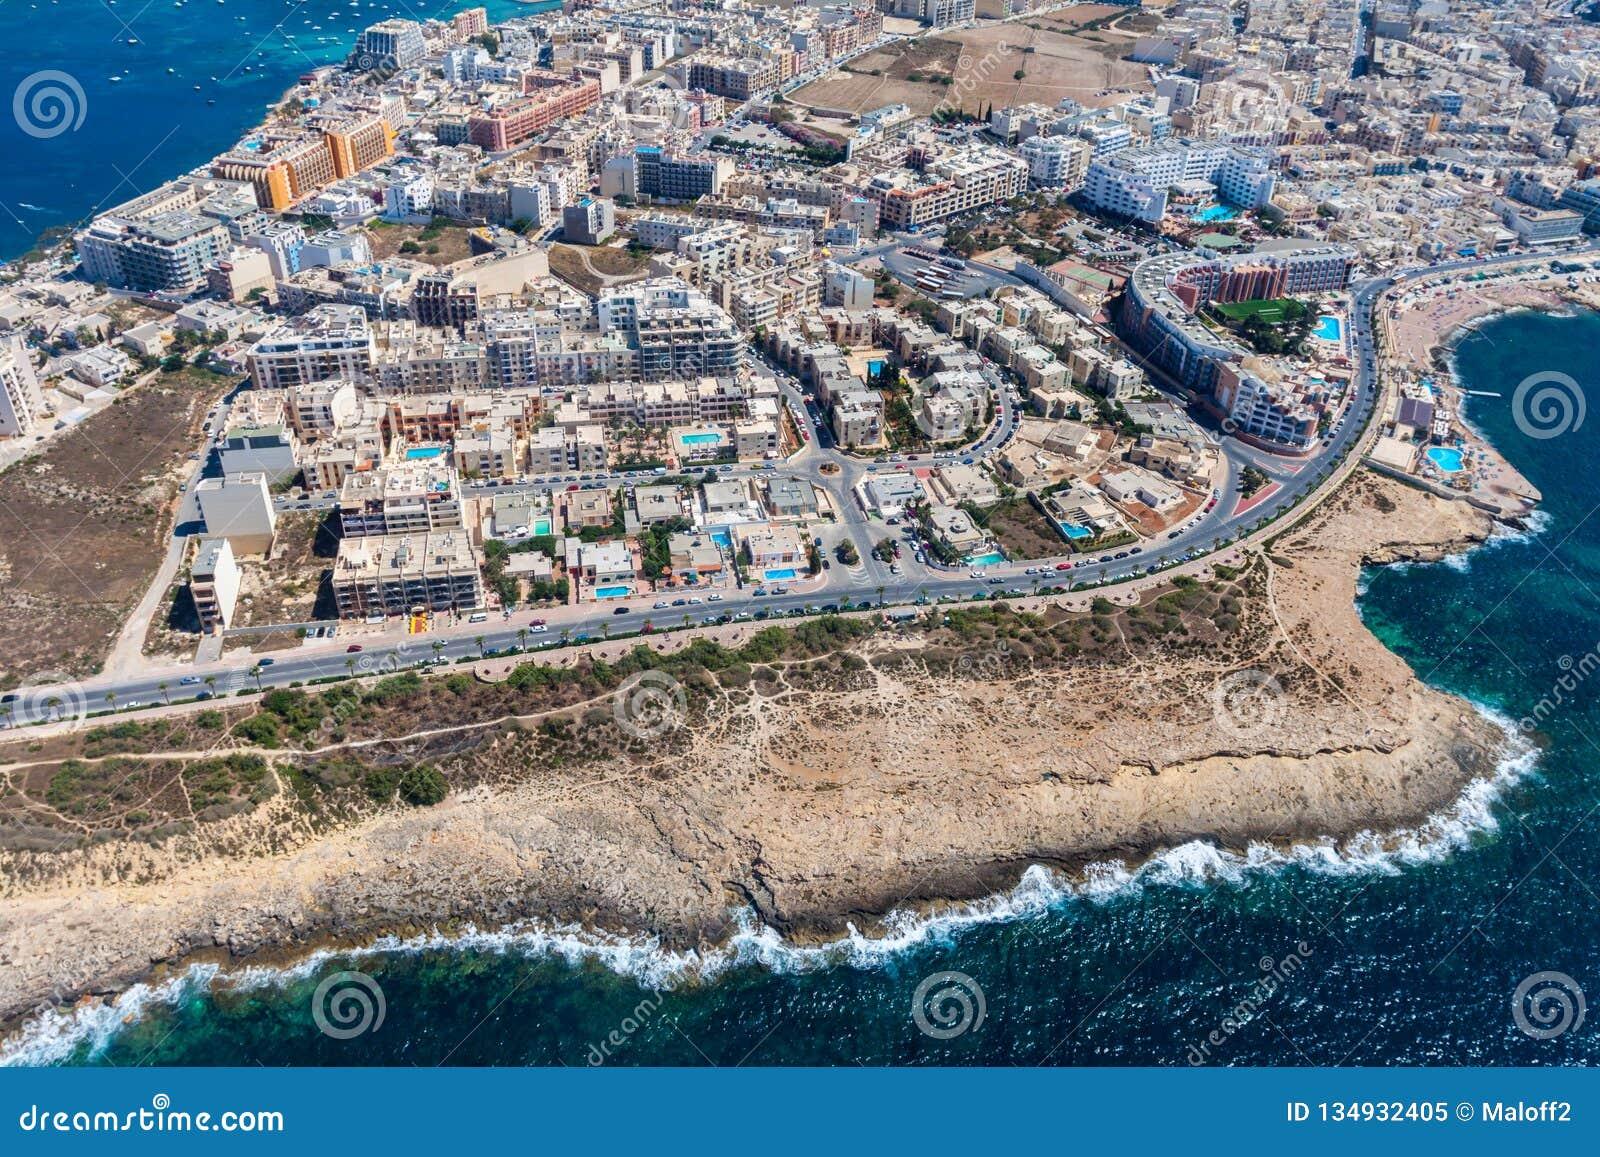 海边峭壁、五颜六色的Qawra镇房子和街道在圣保罗';s湾区在这个区域北部地区,马耳他